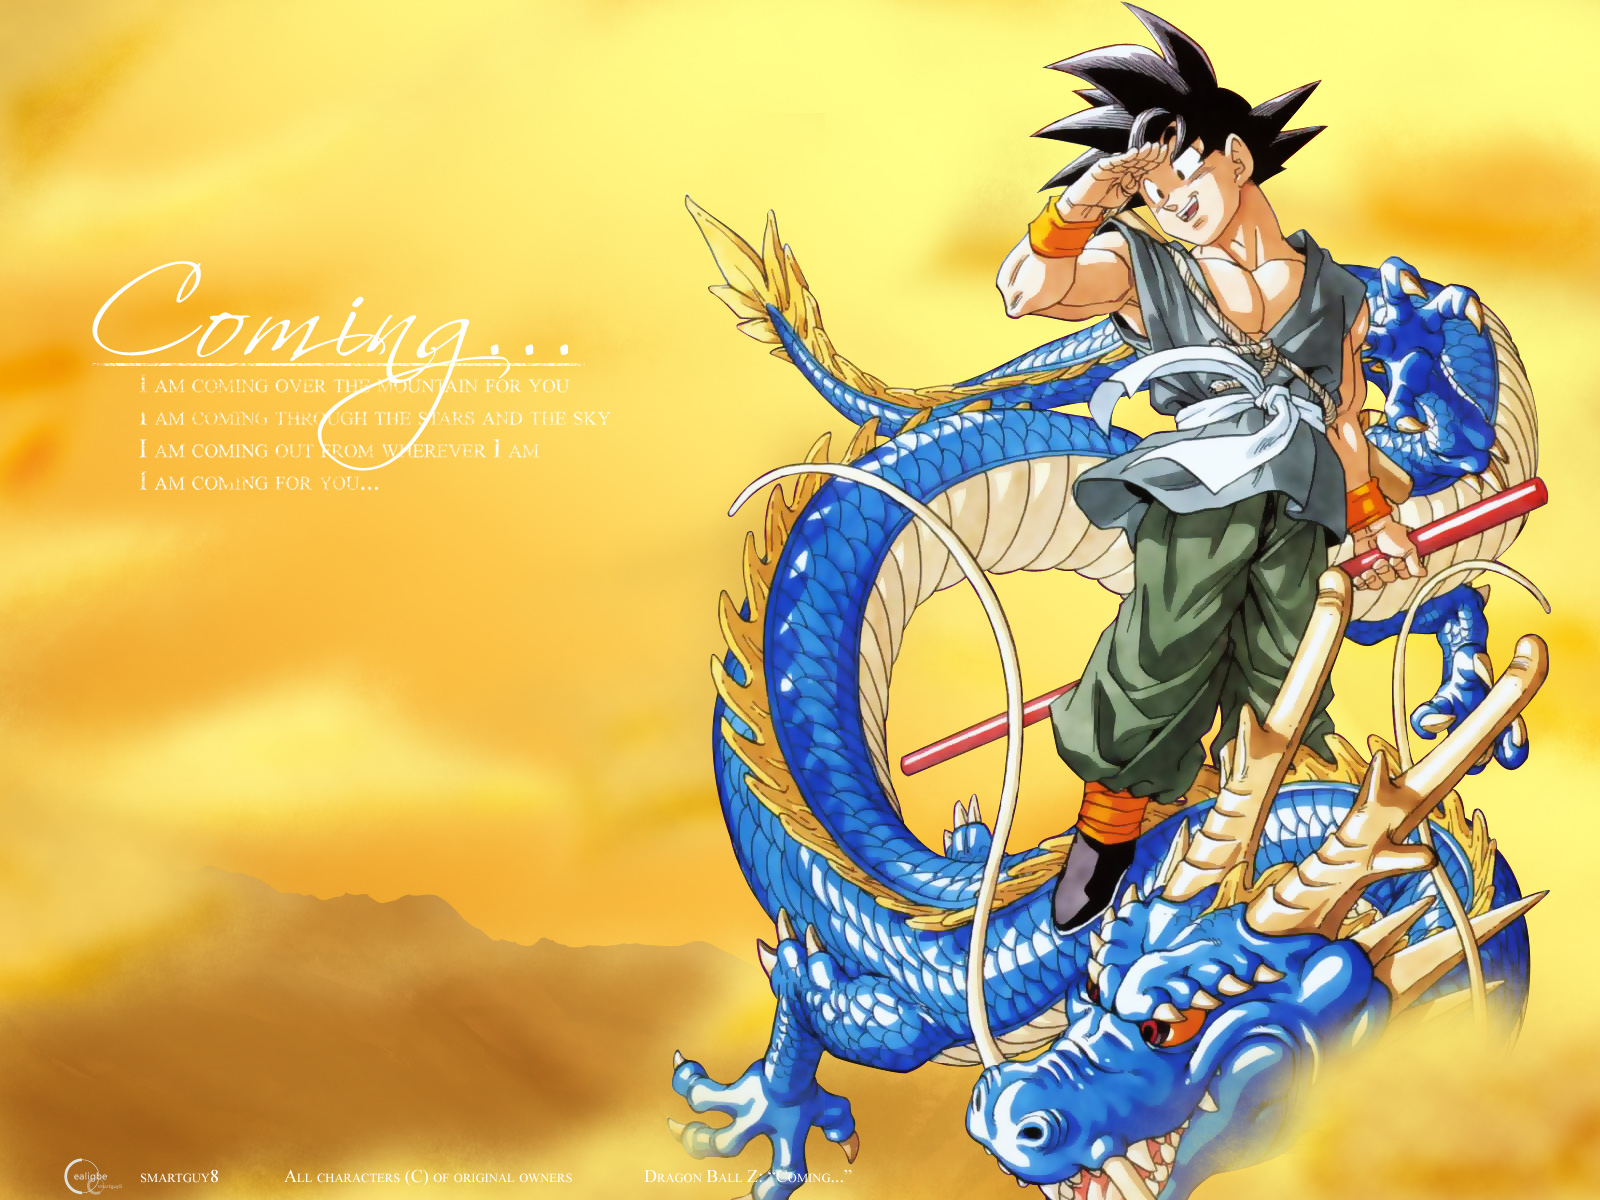 La Saga Esta Formada Por 3 Temporadas Dragon Ball  Dragon Ball Z Y